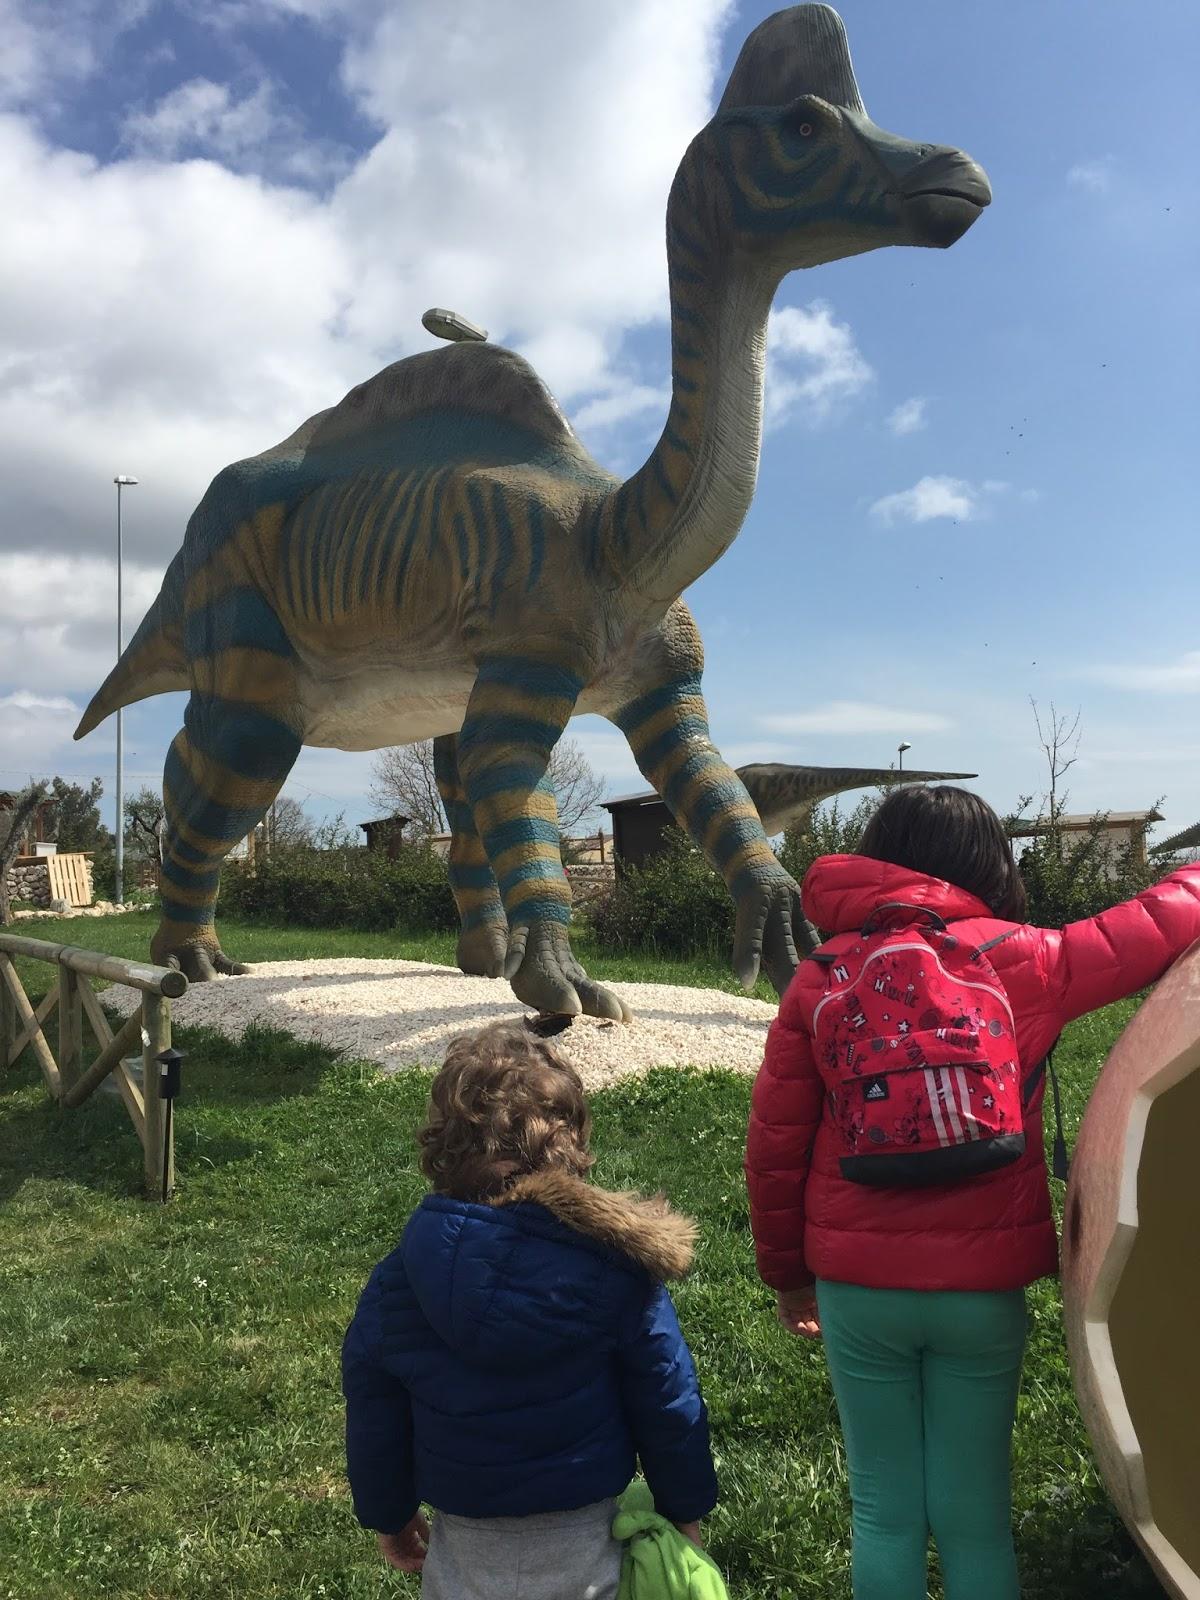 Il Parco Dei Dinosauri Più Grande Ditalia Tra Rock E